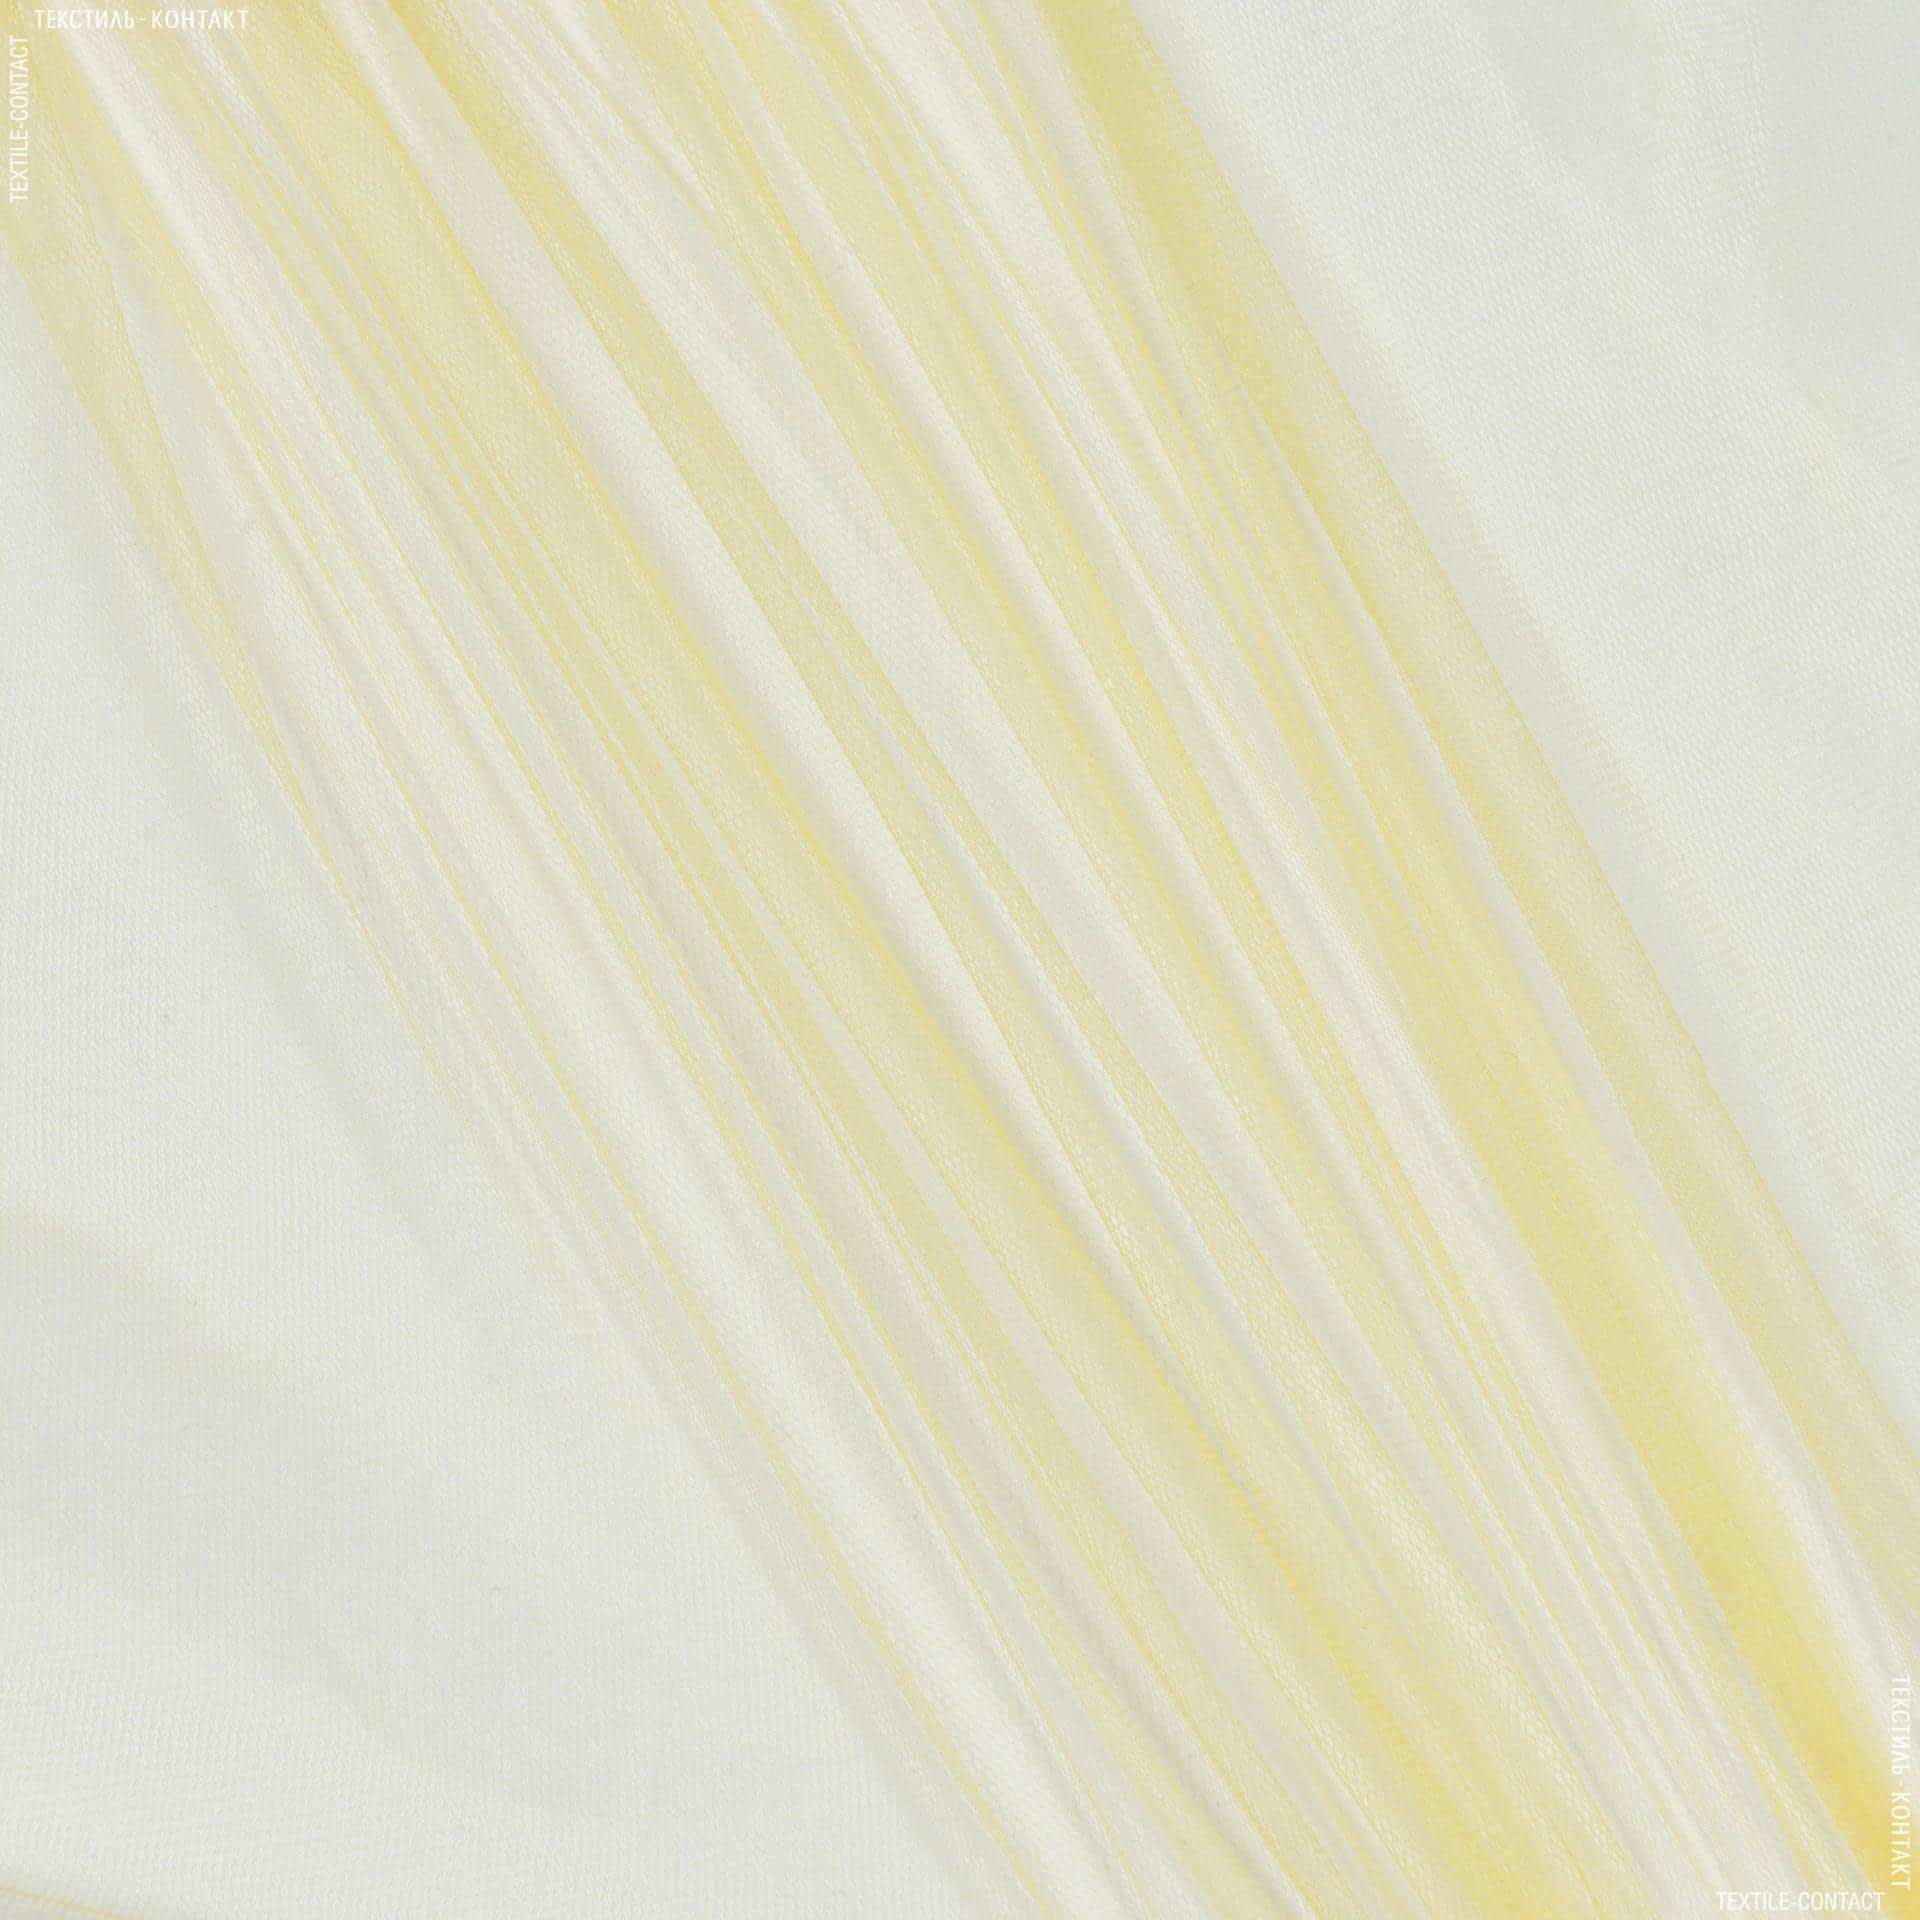 Ткани для платьев - Фатин мягкий желтый